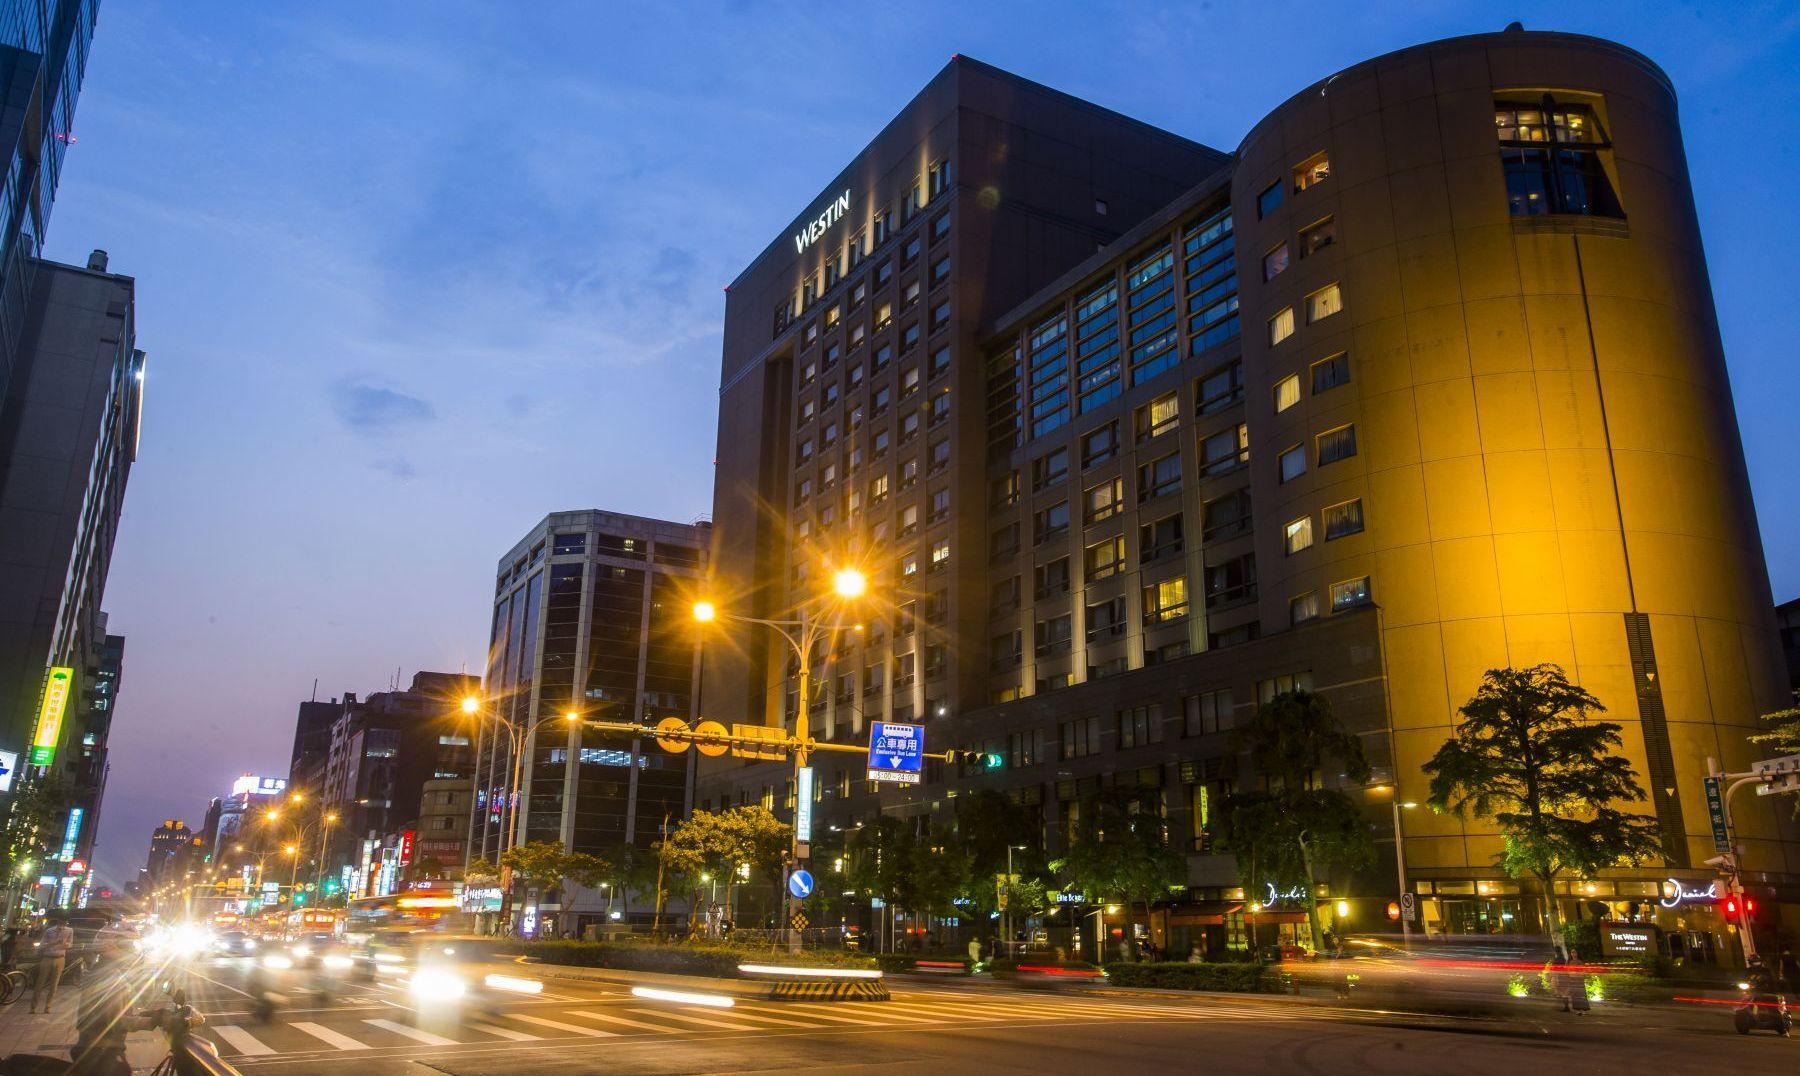 京華城要賣、六福皇宮結束營業!到底經營事業還是經營土地好?